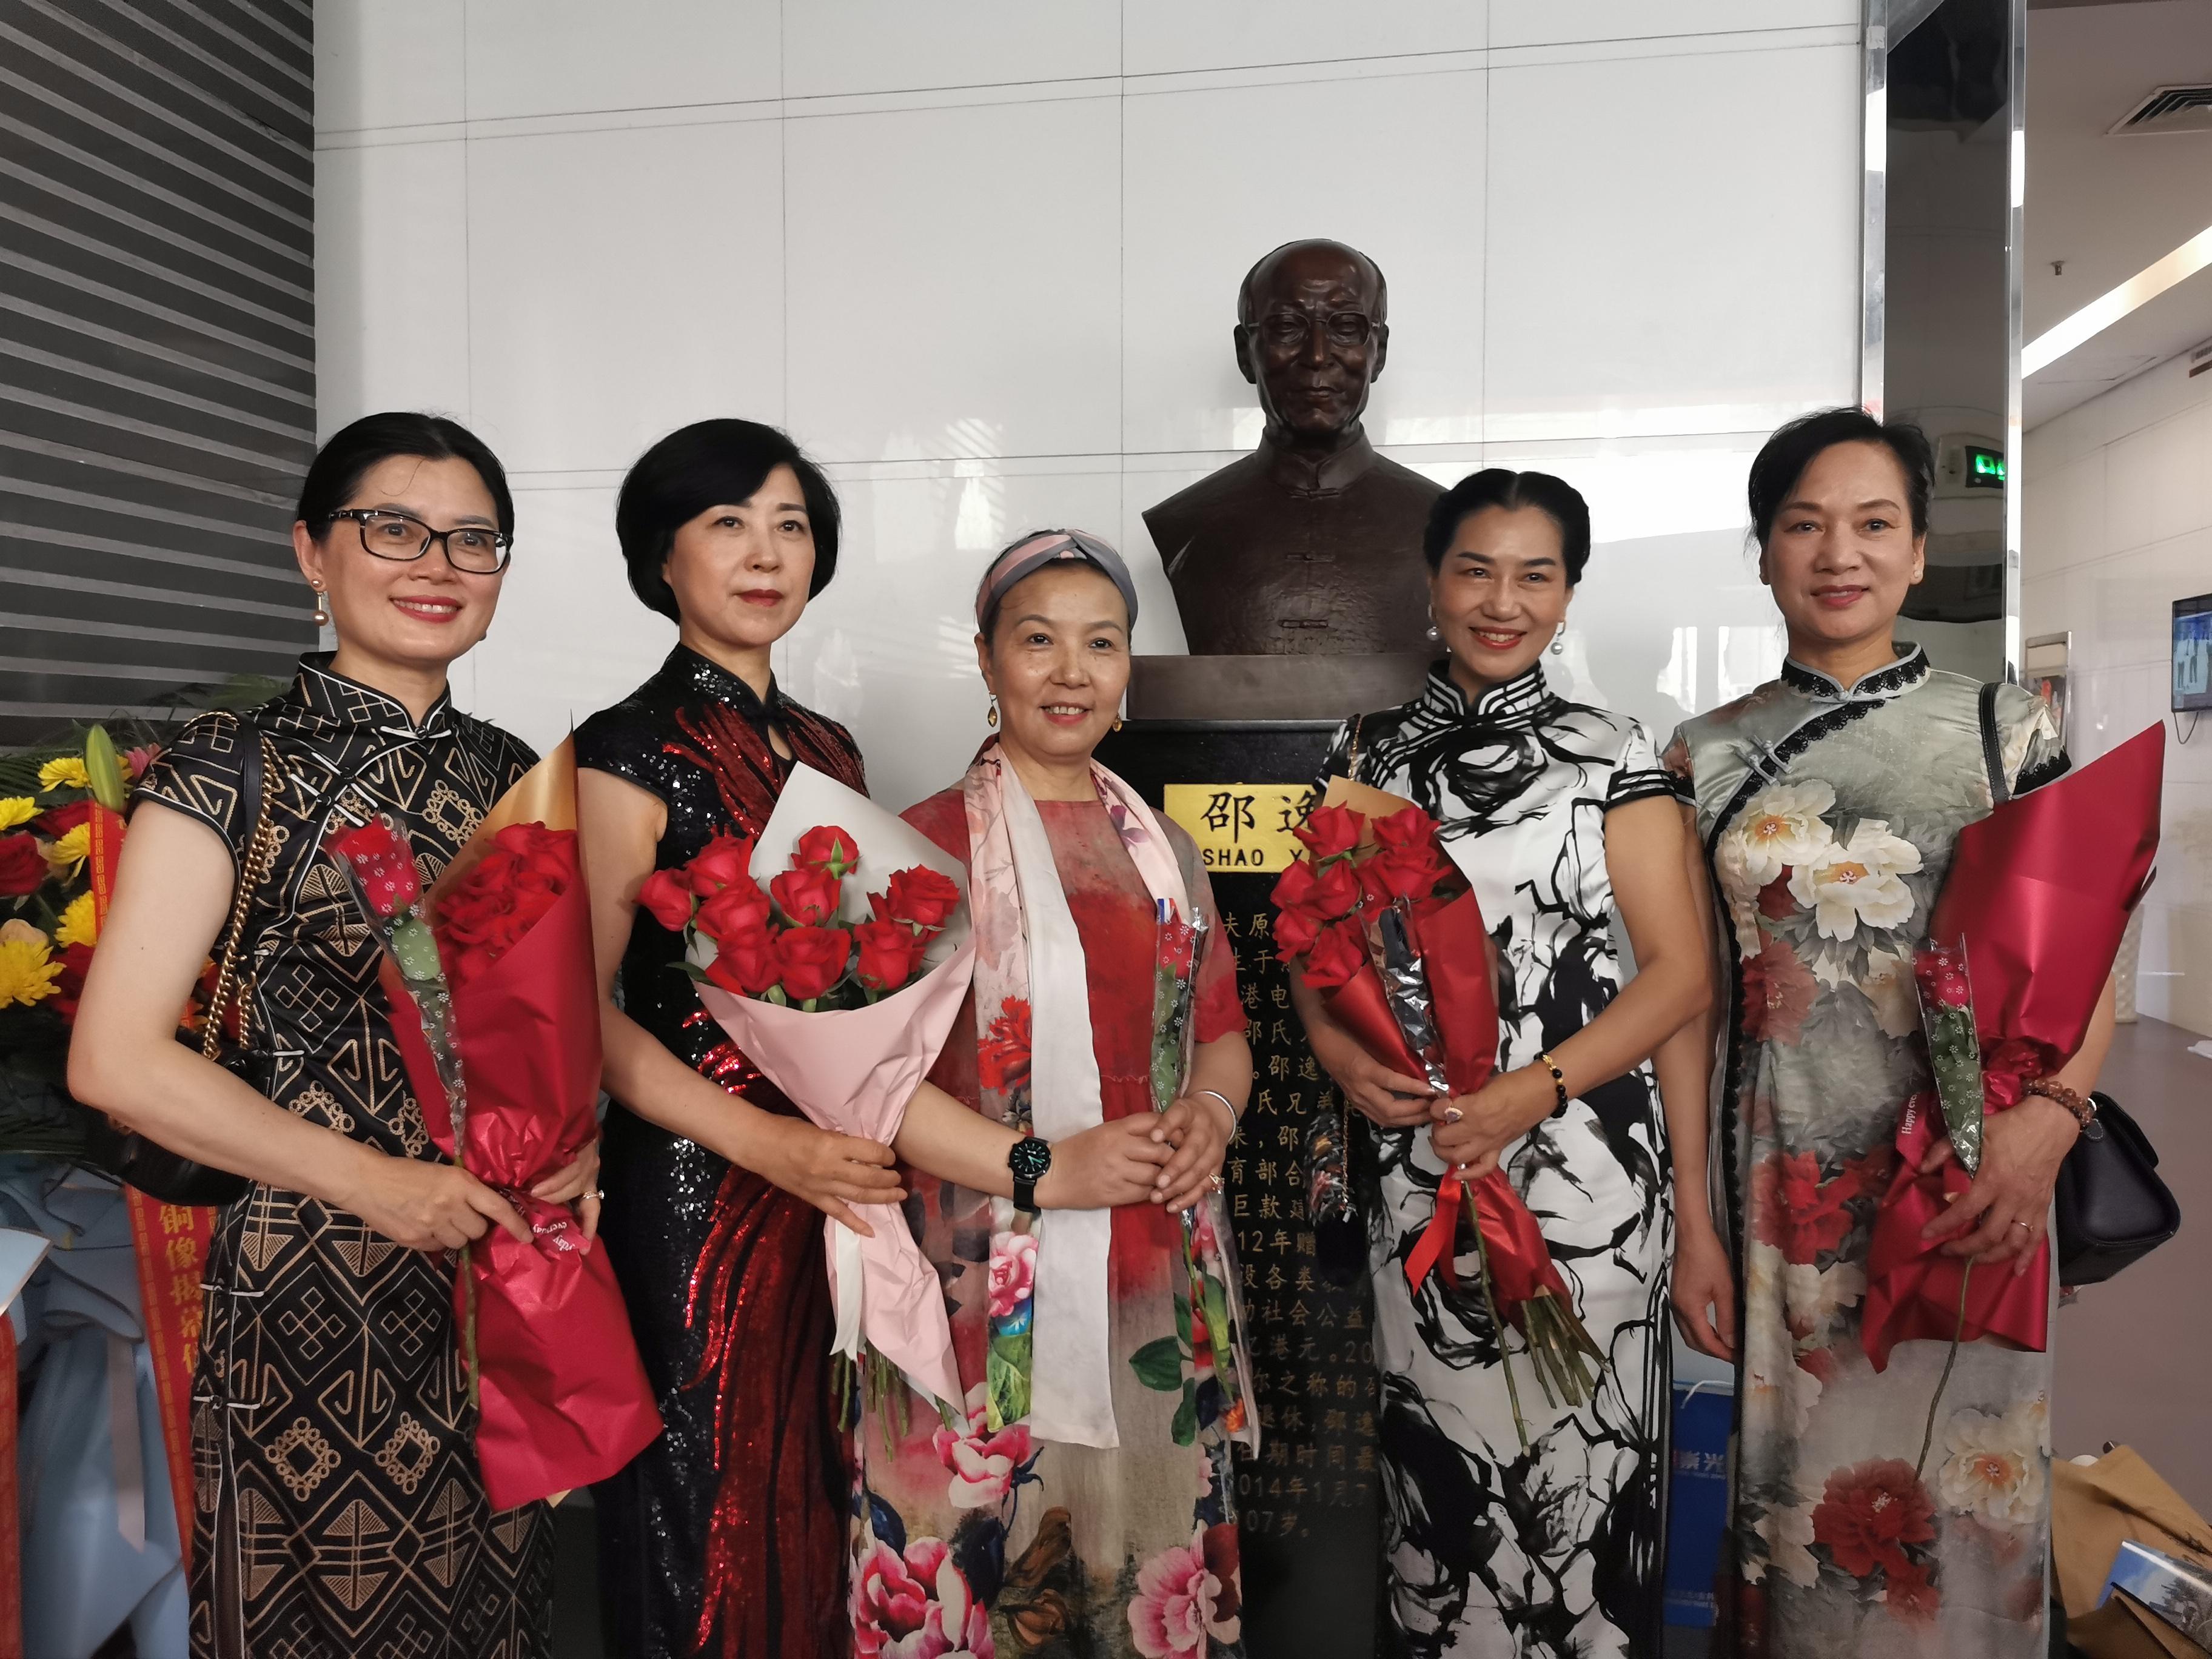 朵朵玫瑰组一束心花,纪念邵逸夫先生铜像揭幕仪式今在甬举行